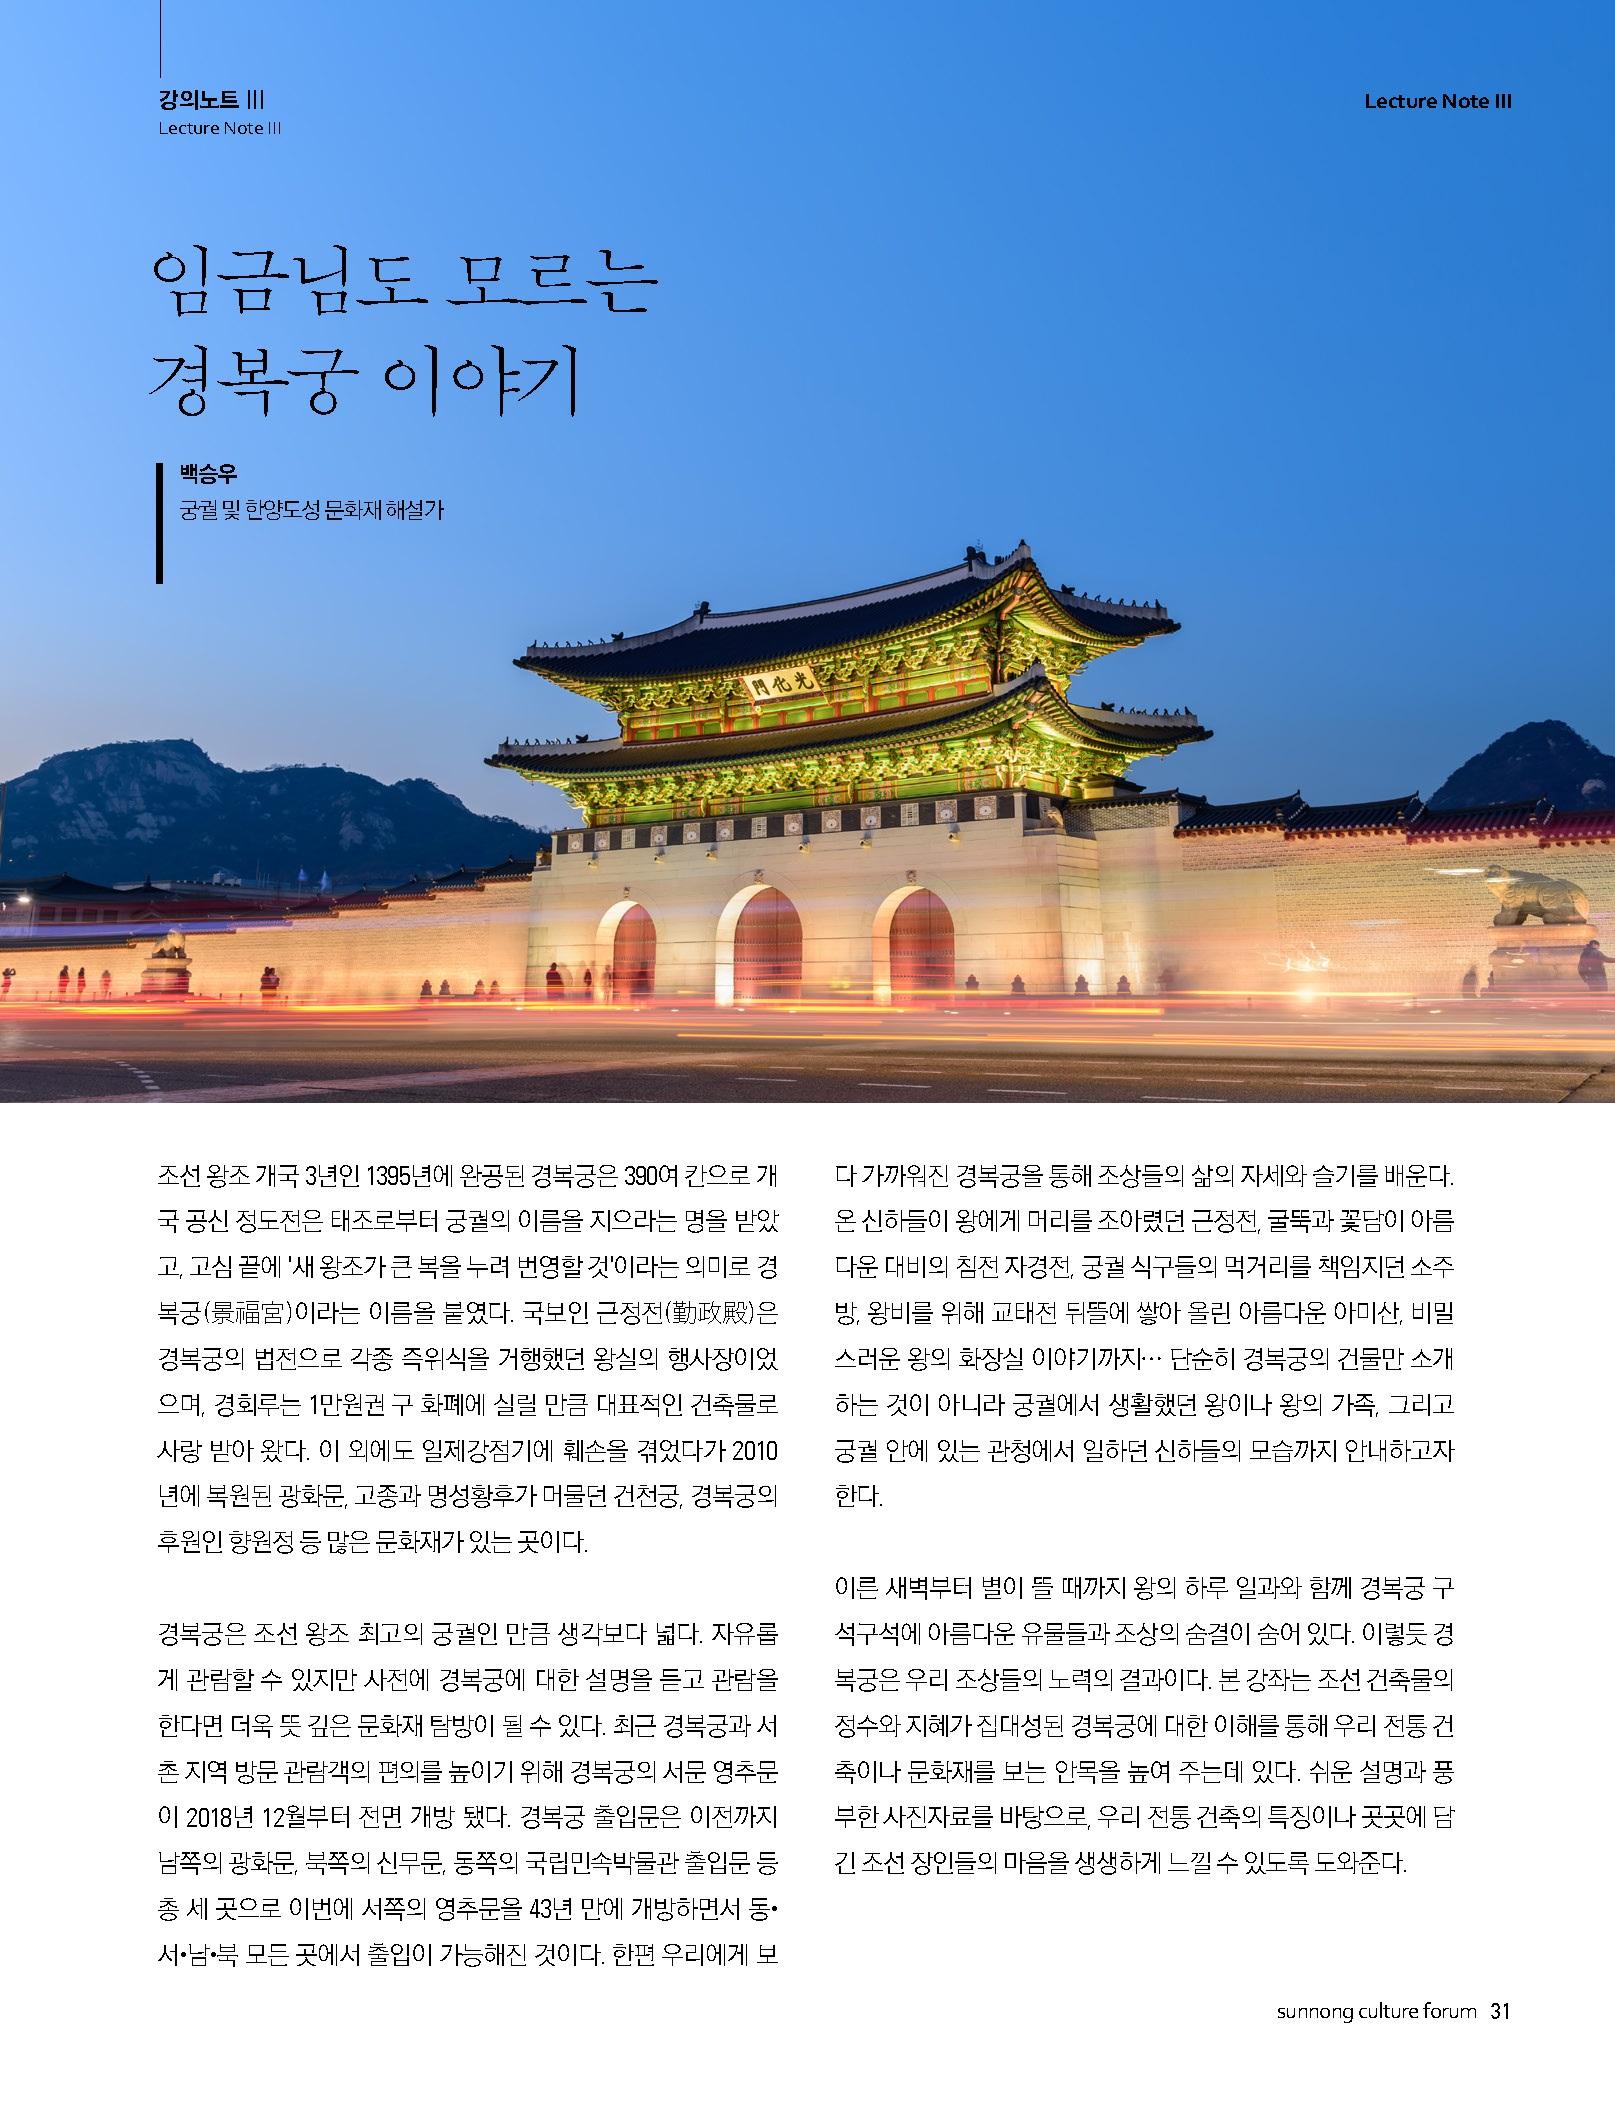 선농문화포럼_낱장_페이지_31.jpg